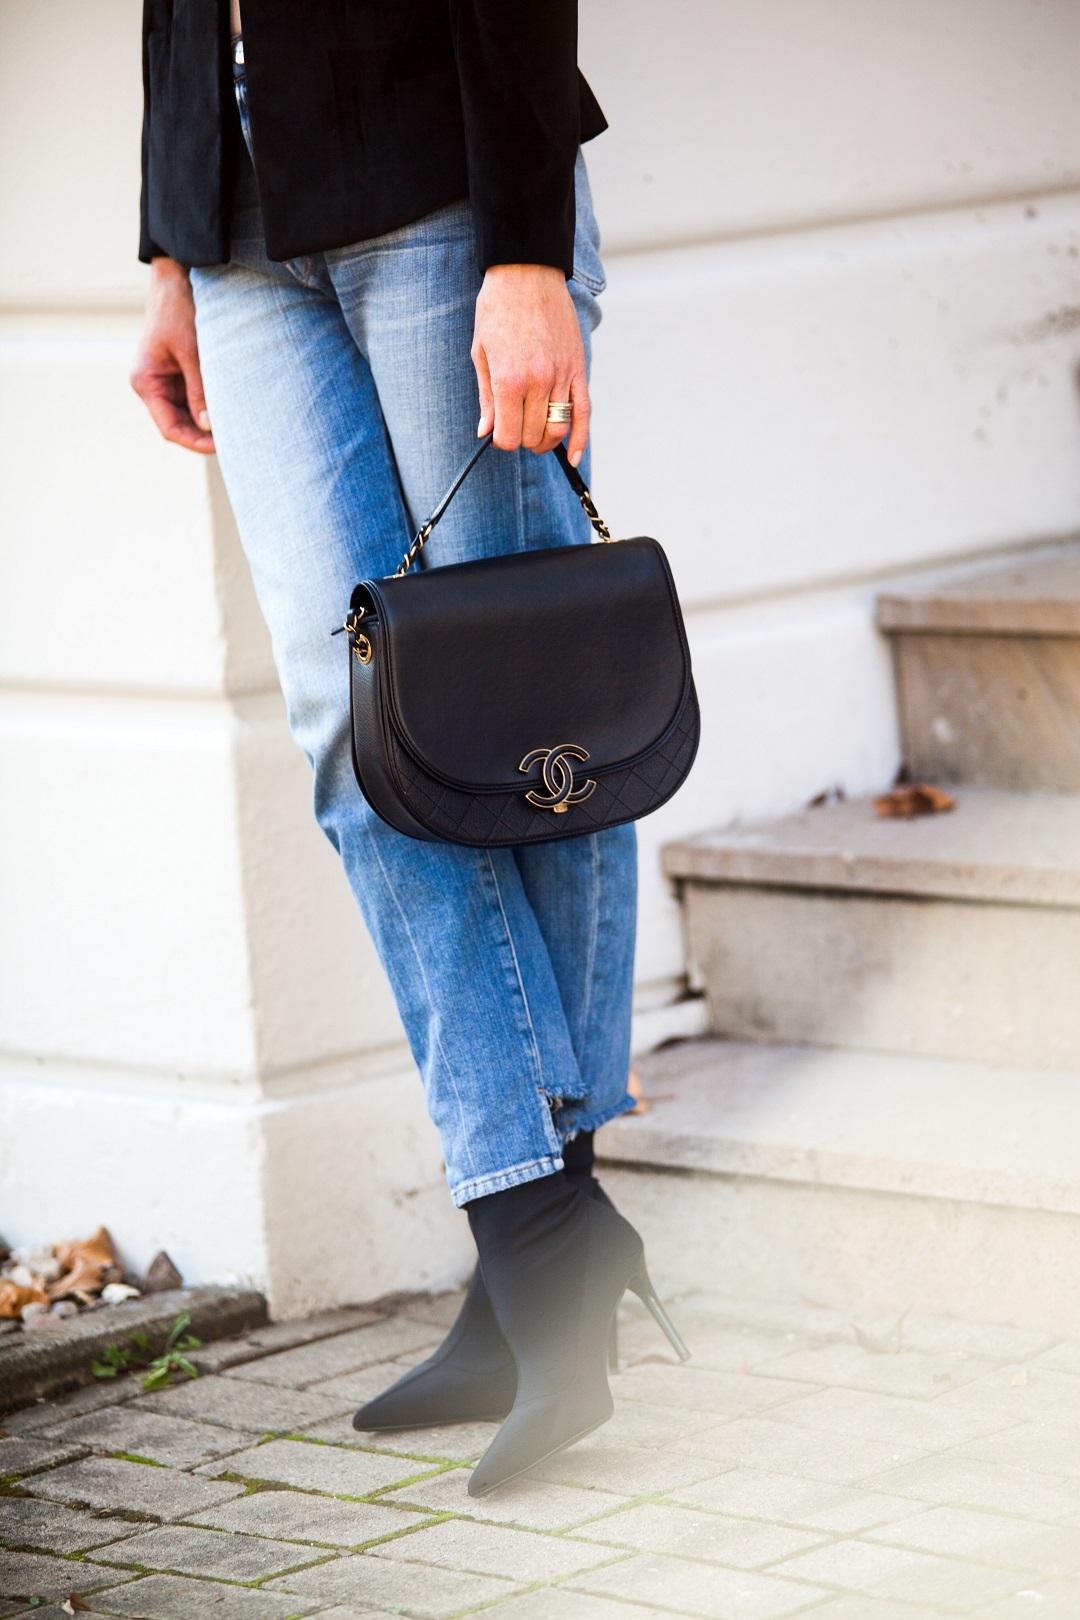 Chanel Tasche und Frame Boyfriend Jeans